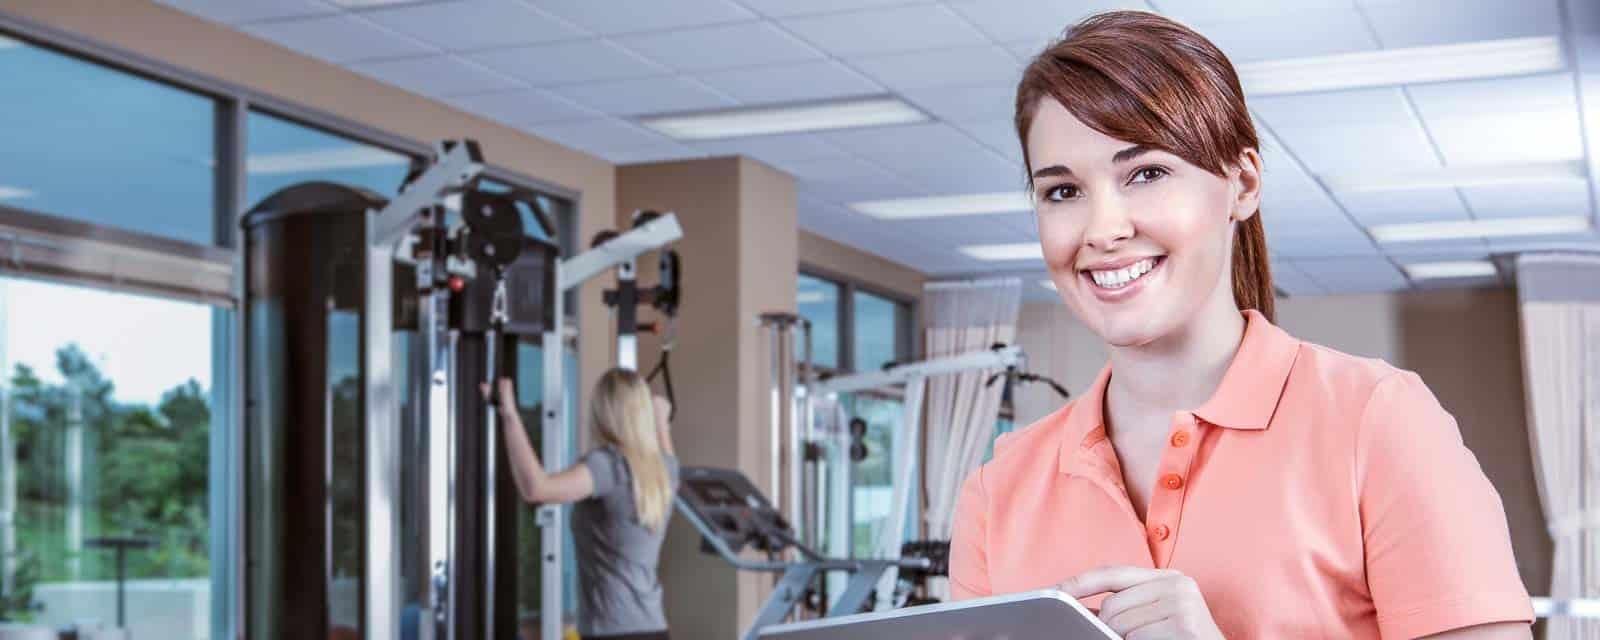 gesundhitsanbieter-therapeut-physio